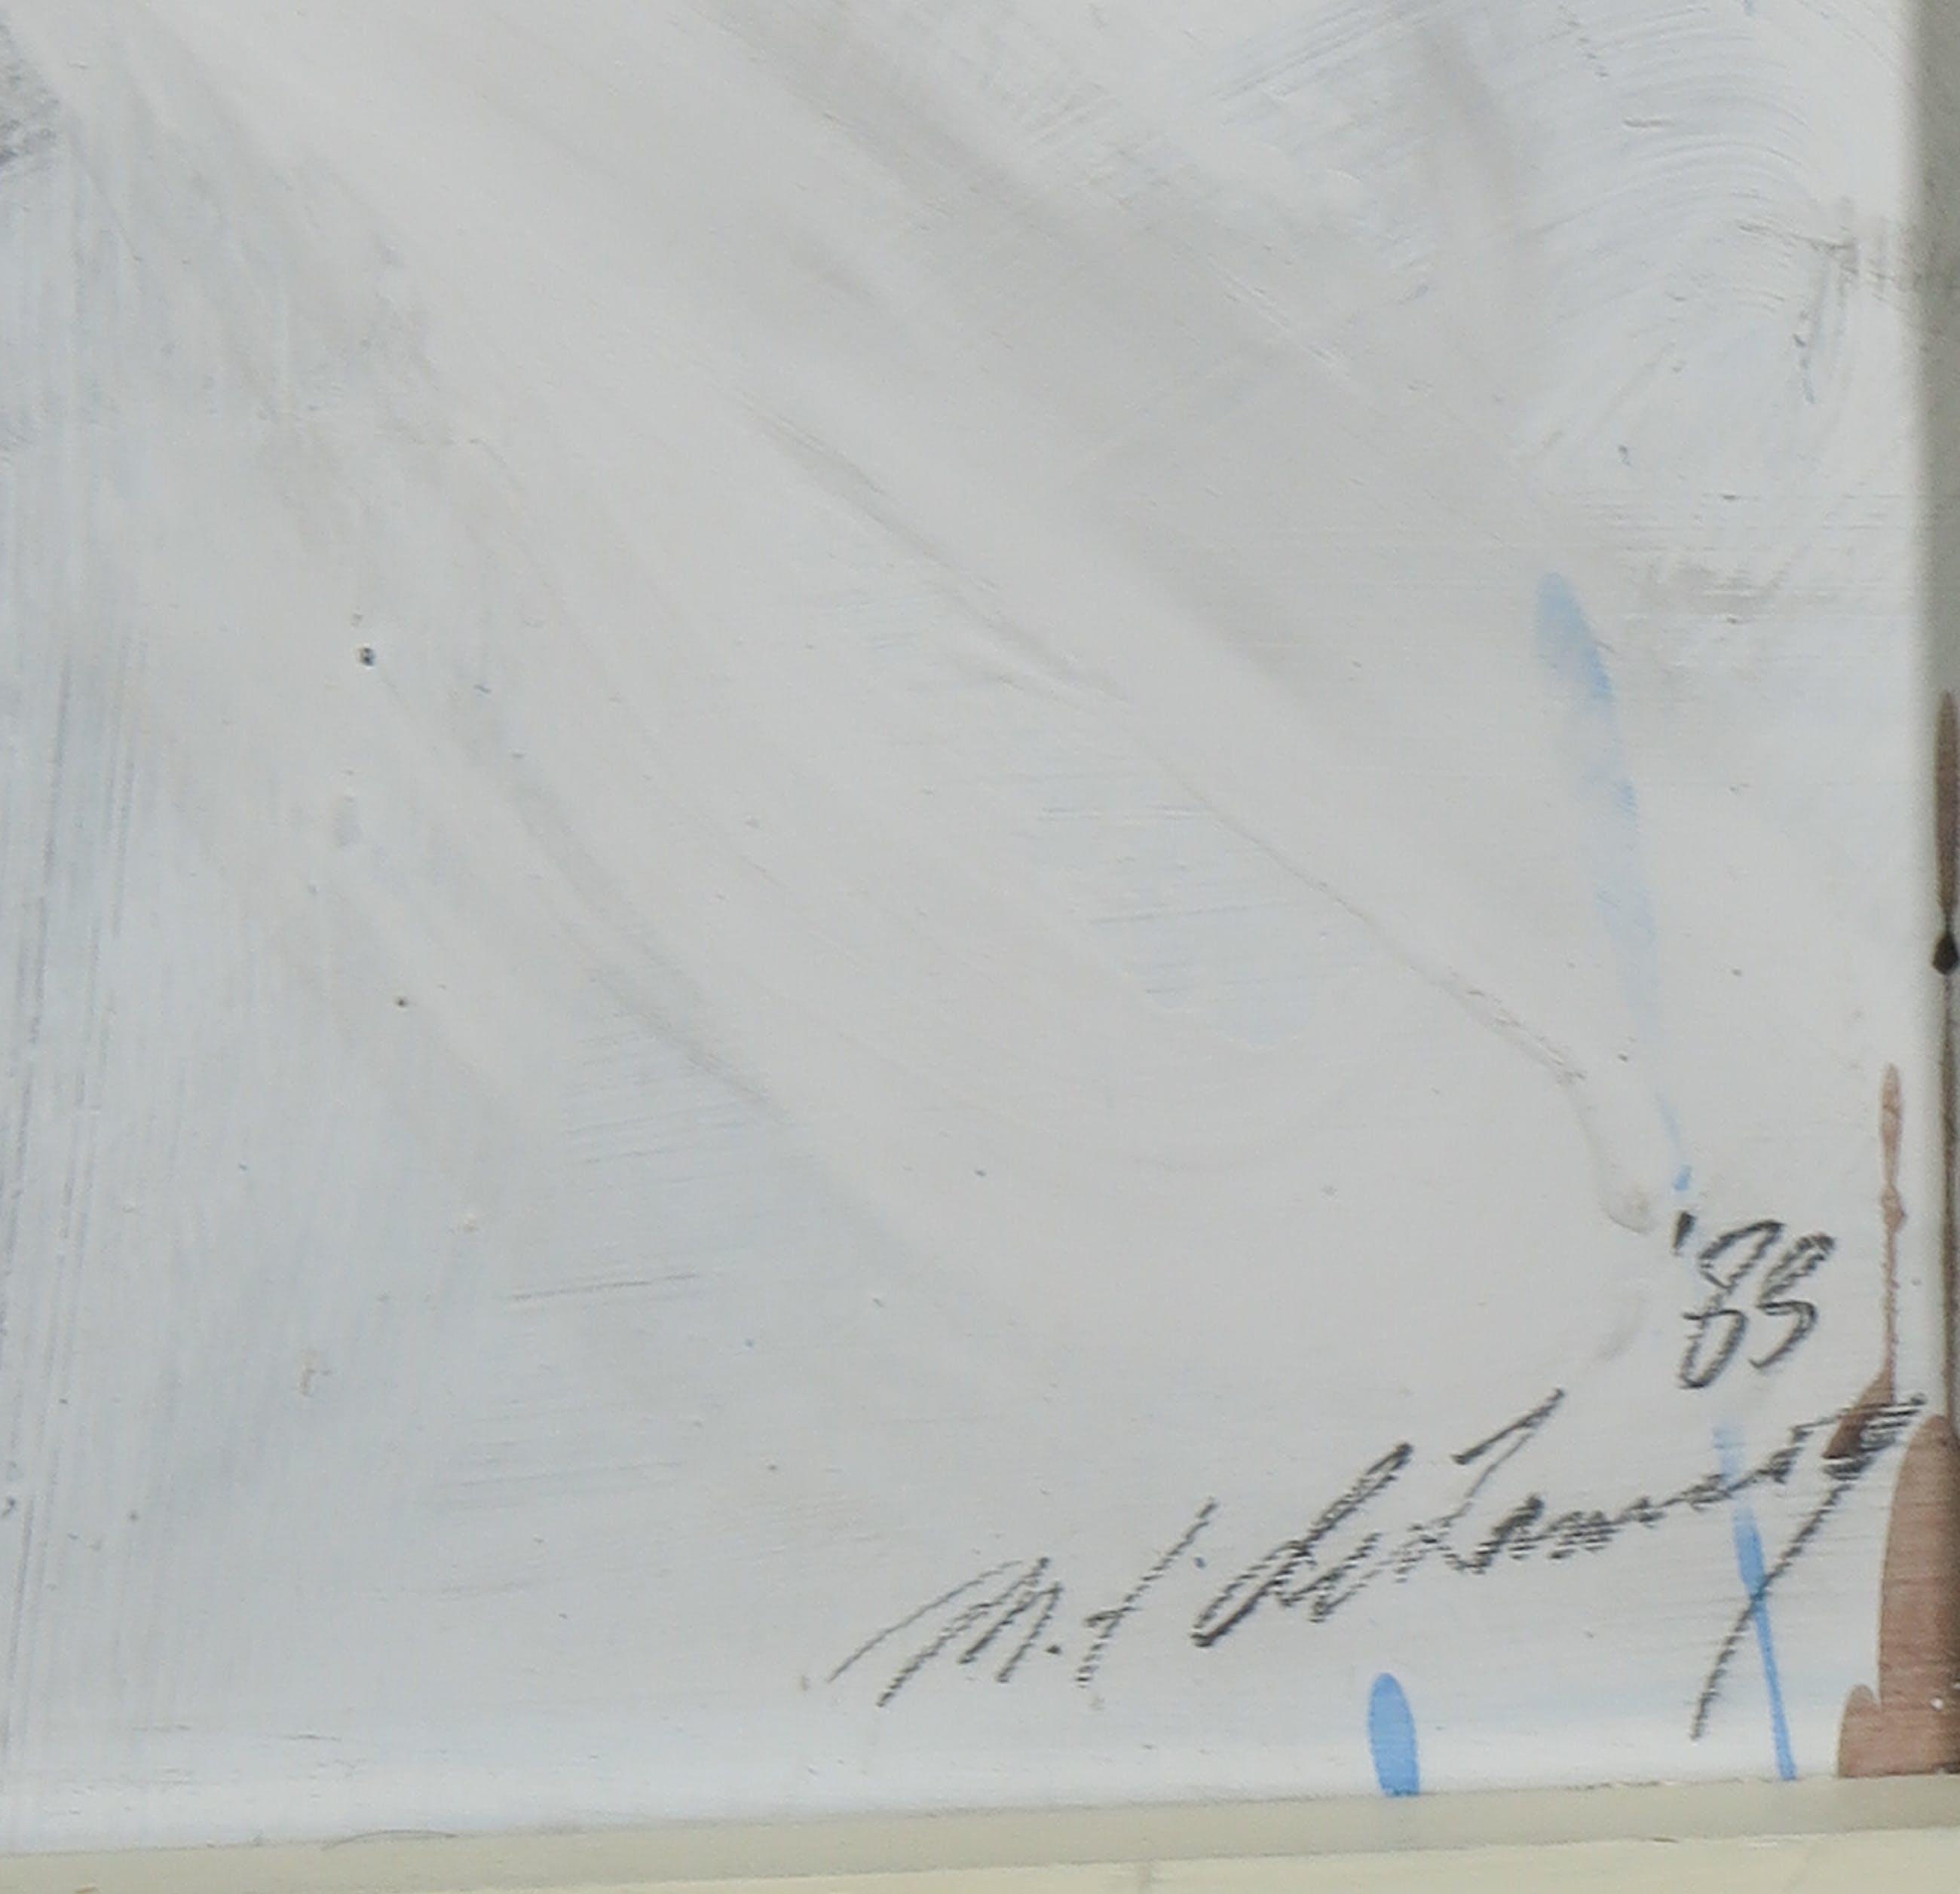 Monique de Lannoy - Acryl op karton, Eressos - Ingelijst (Groot) kopen? Bied vanaf 1!